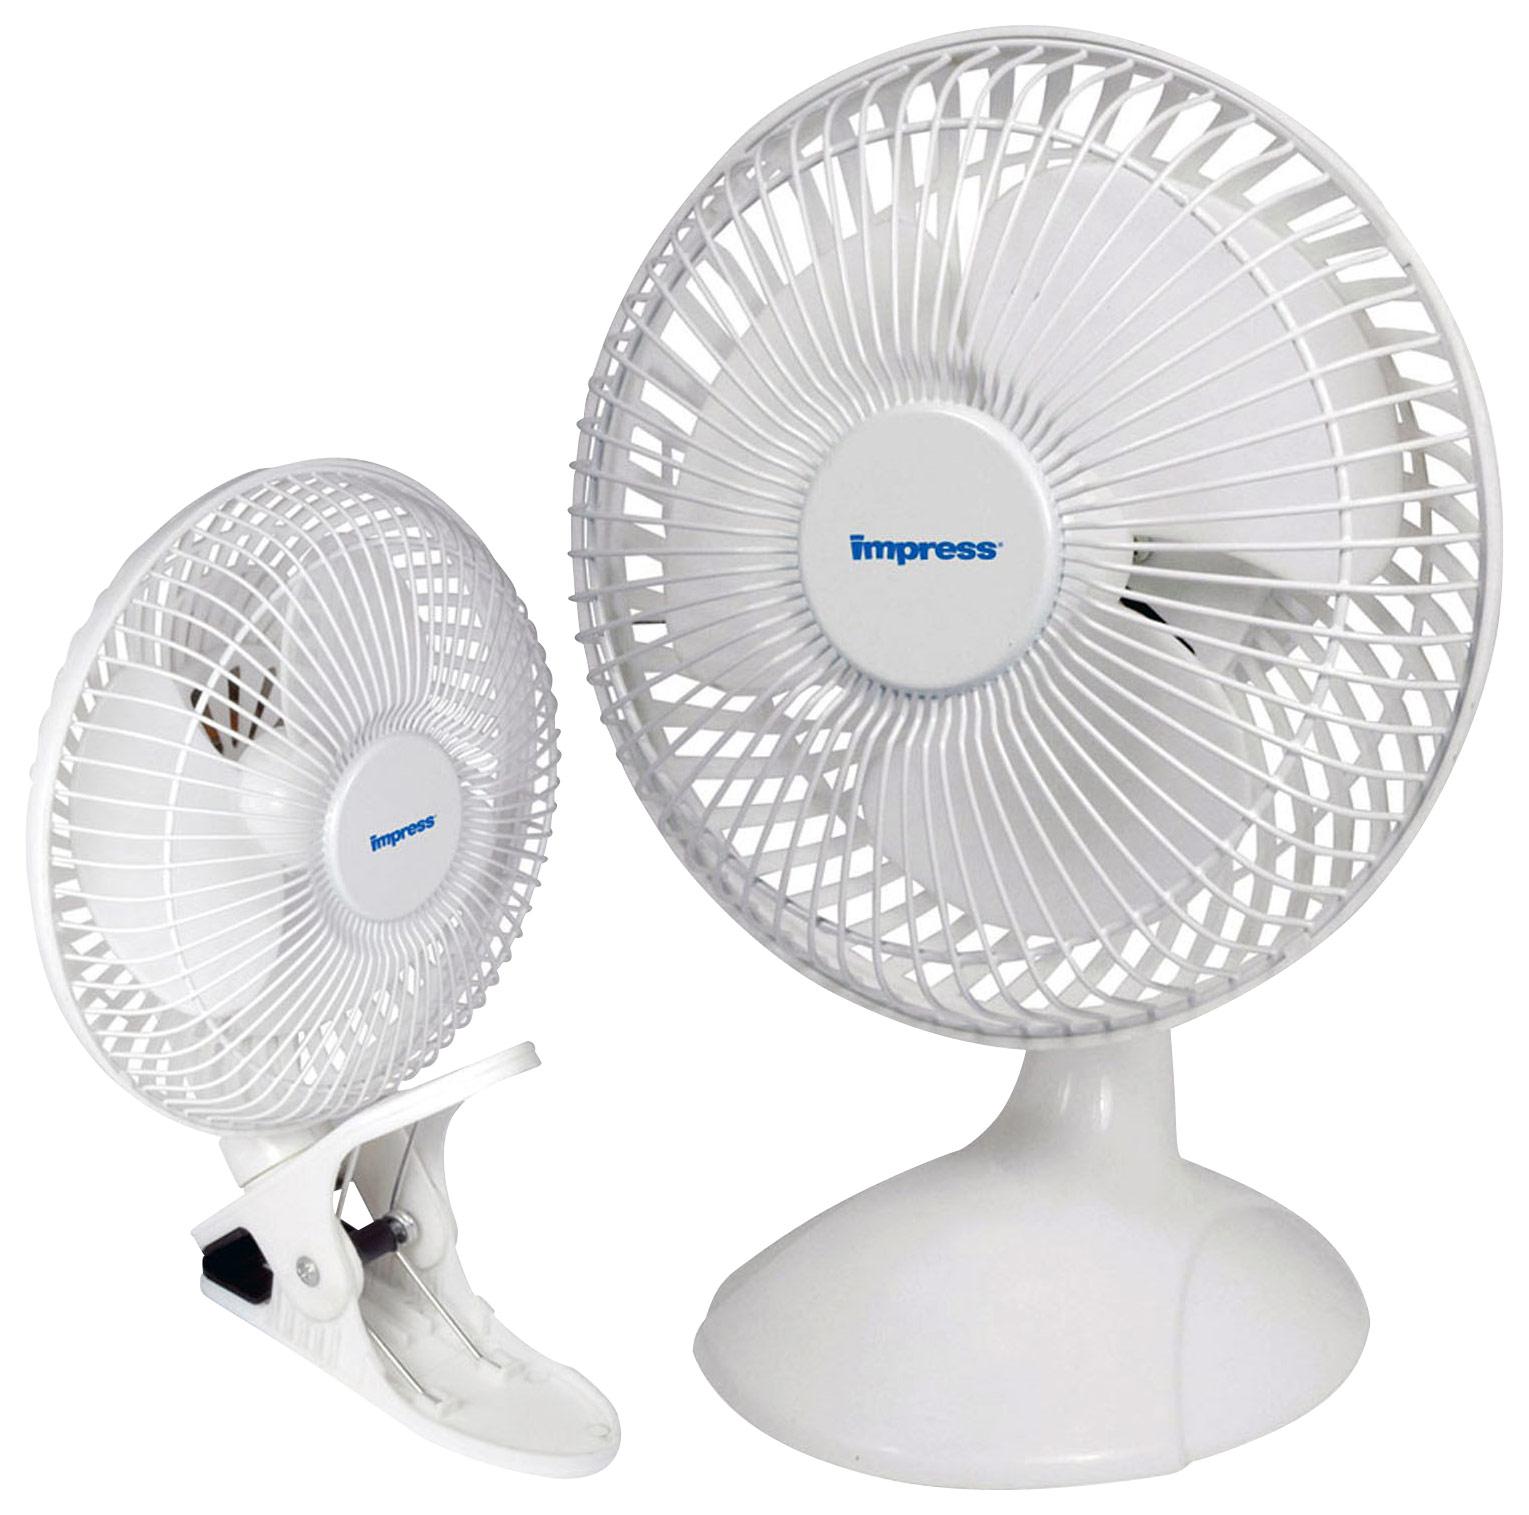 Impress - 6 Dual Purpose Fan - White